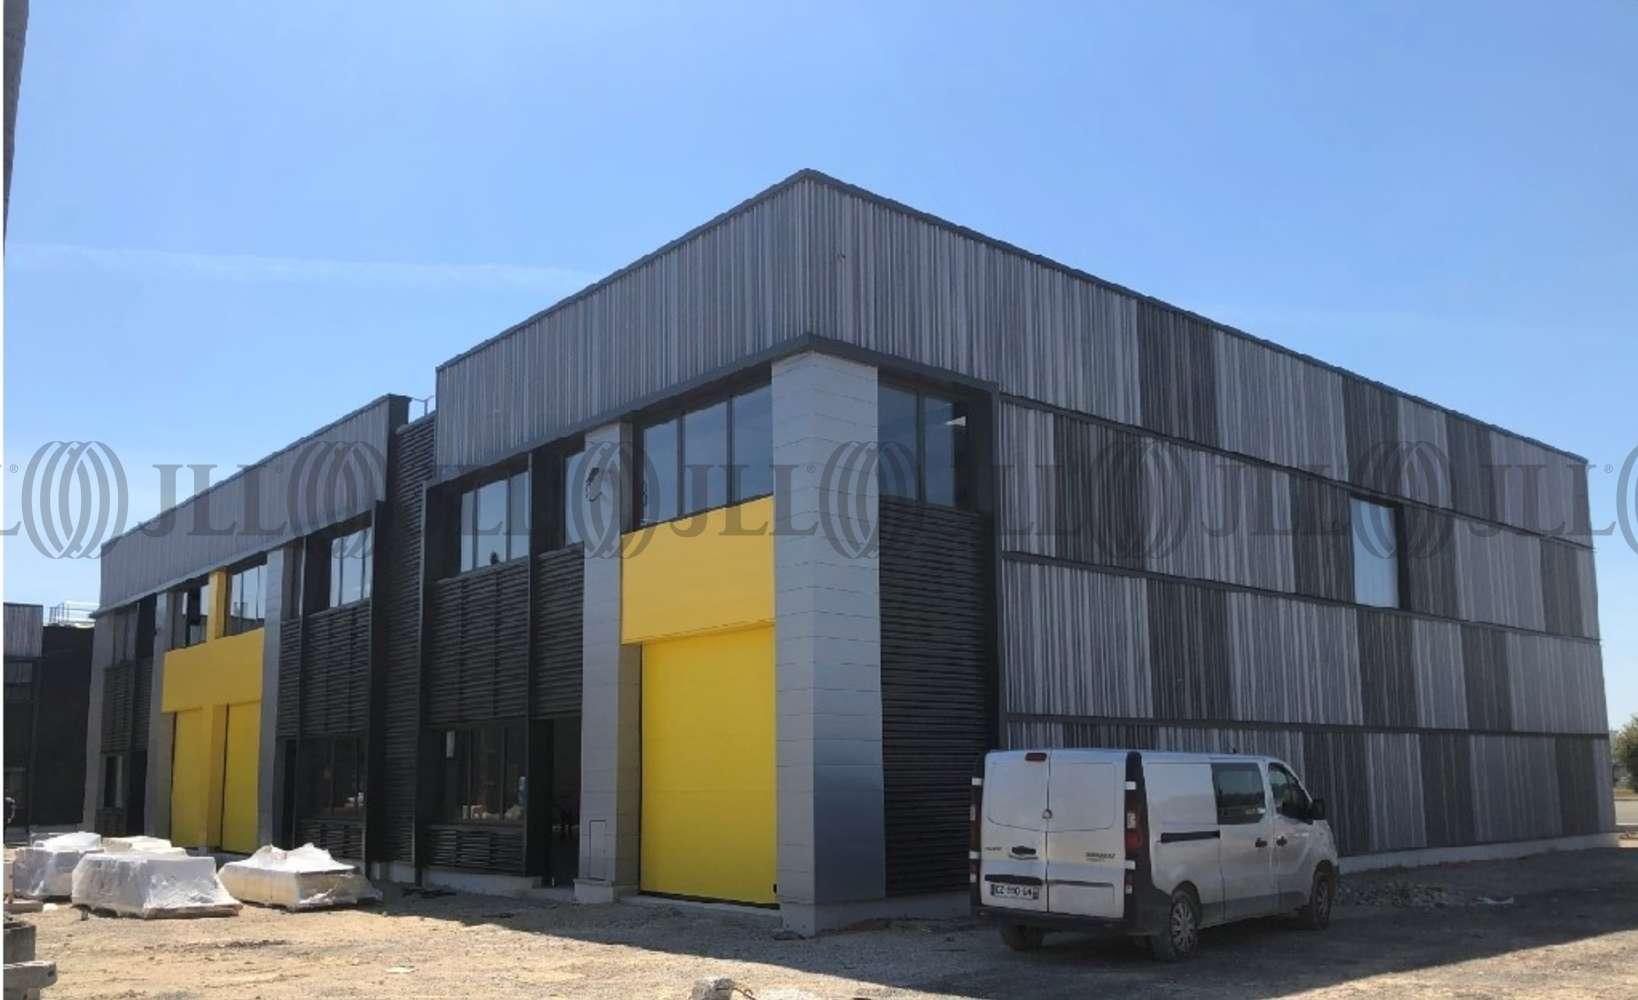 Activités/entrepôt Poissy, 78300 - DYNAMIKUM TRANCHE 2 - E2